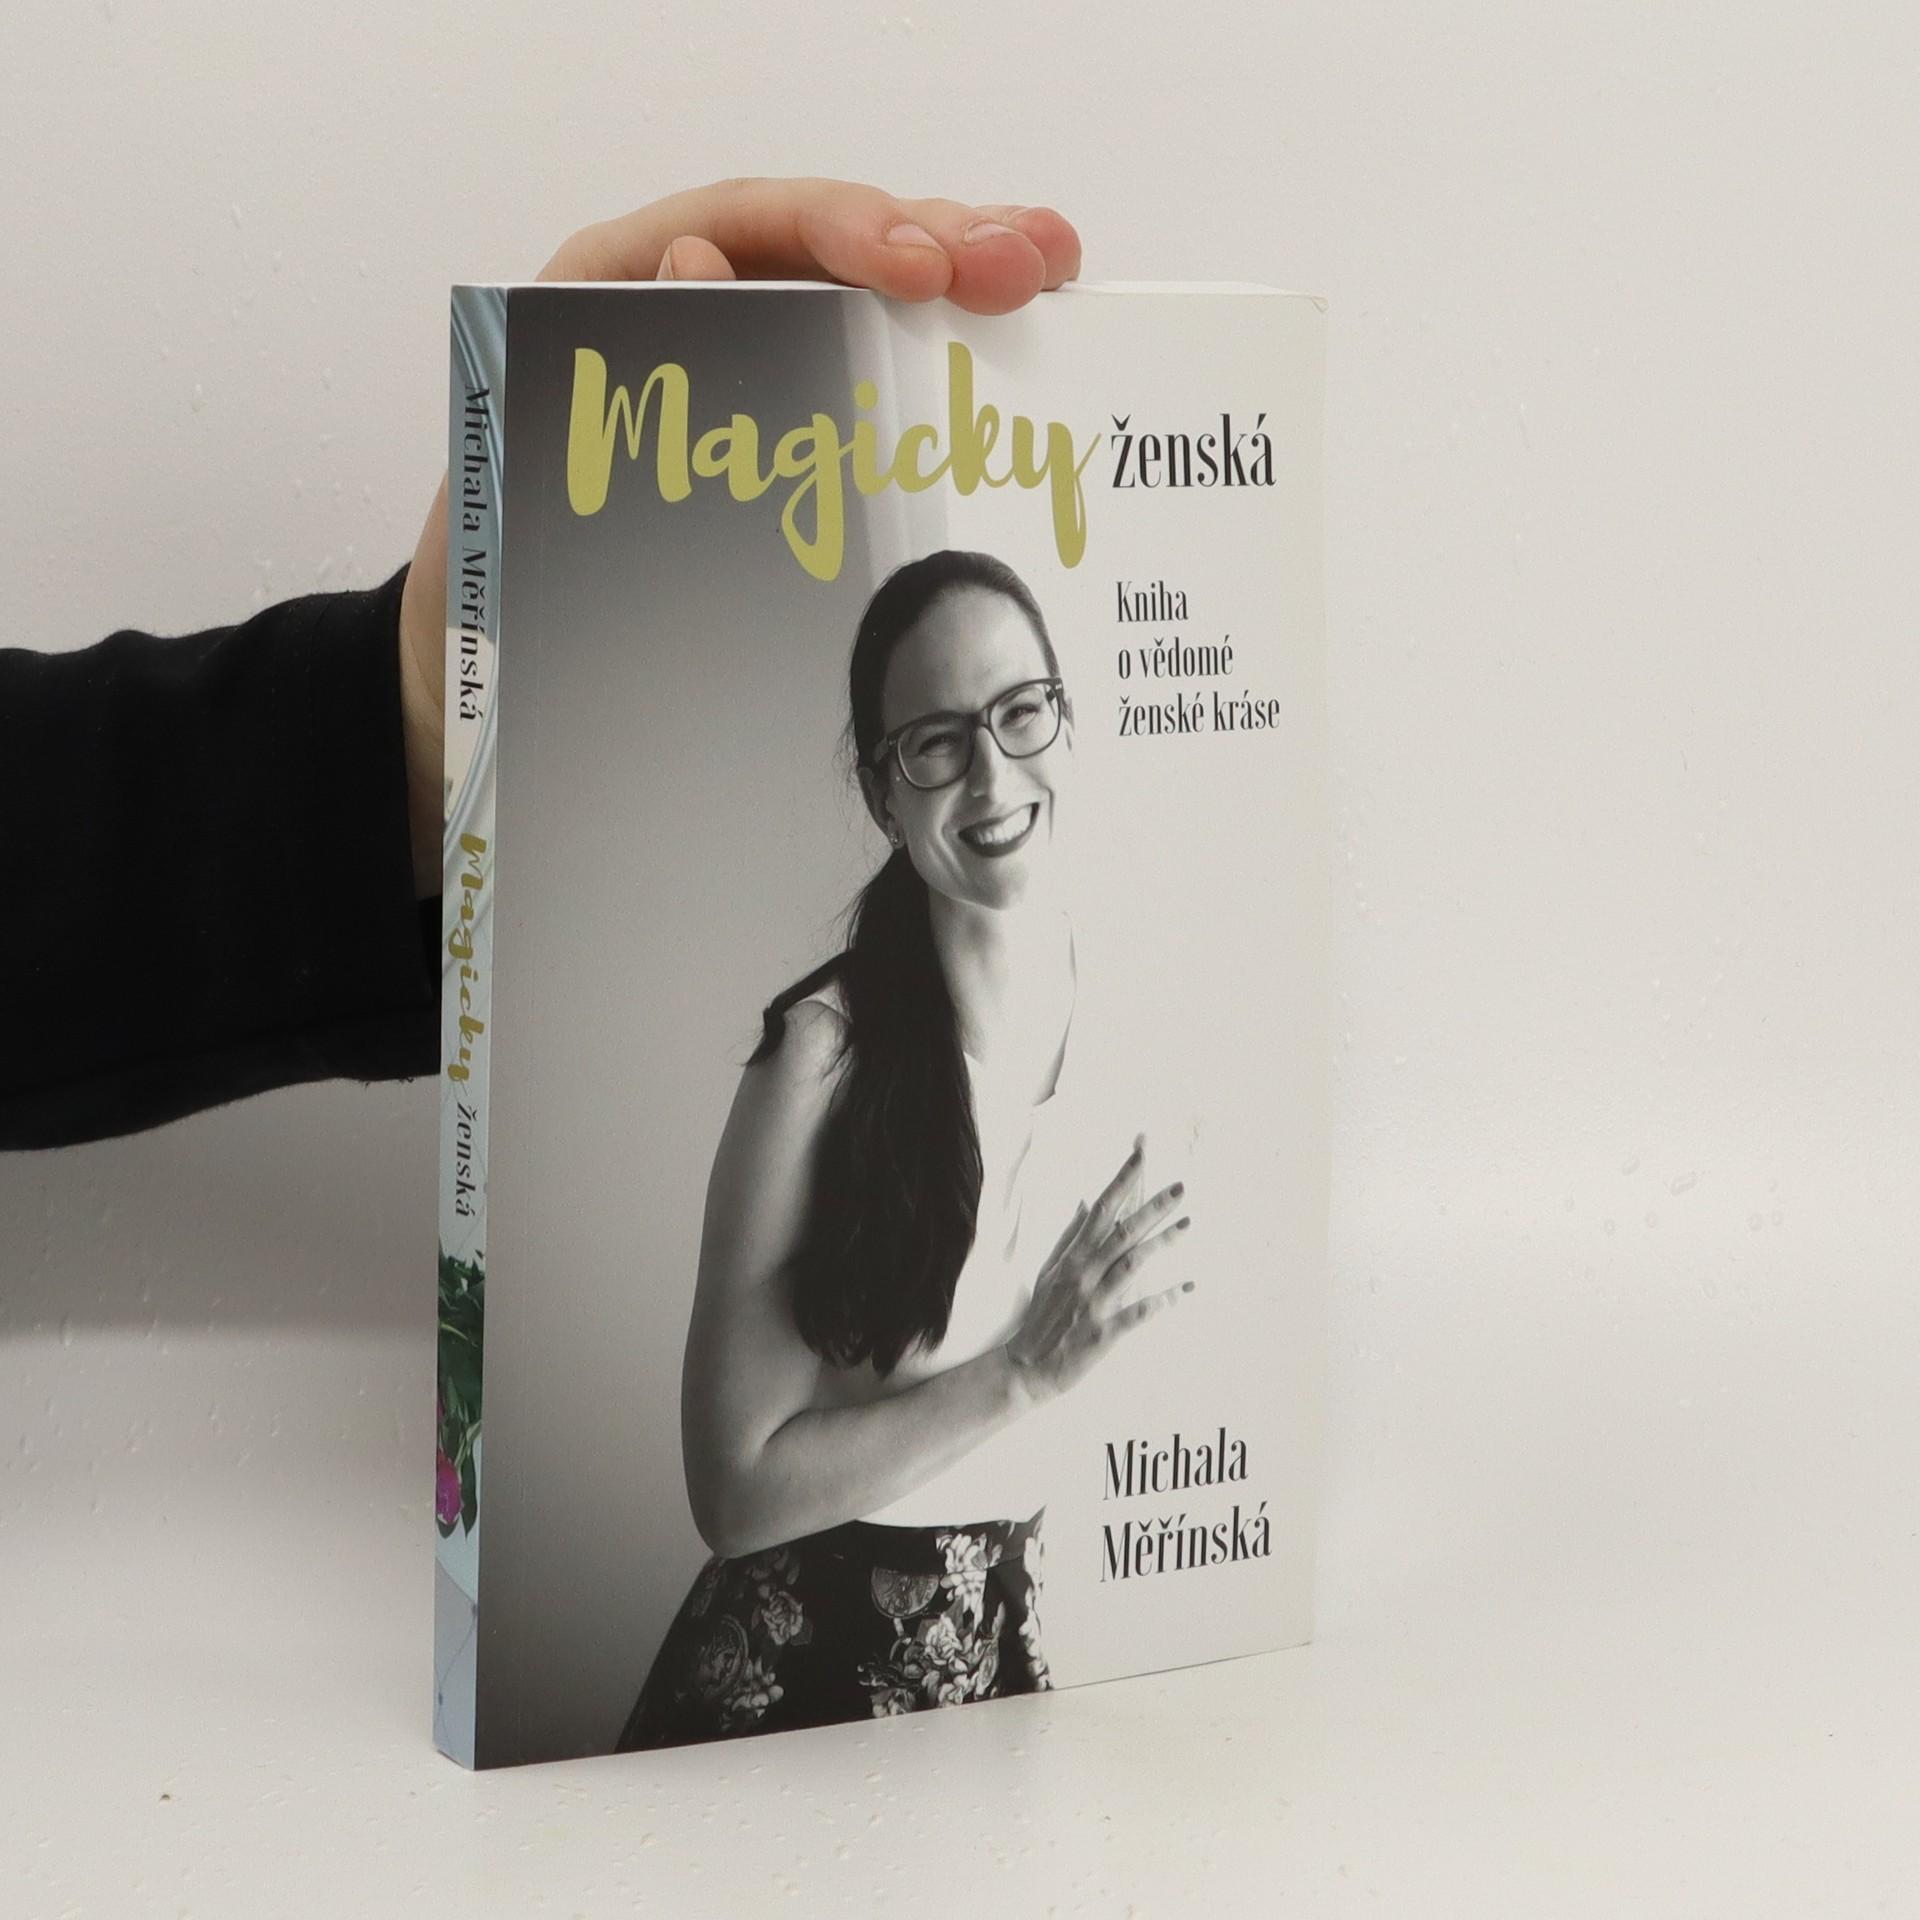 antikvární kniha Magicky ženská : Kniha o vědomé ženské kráse, 2016